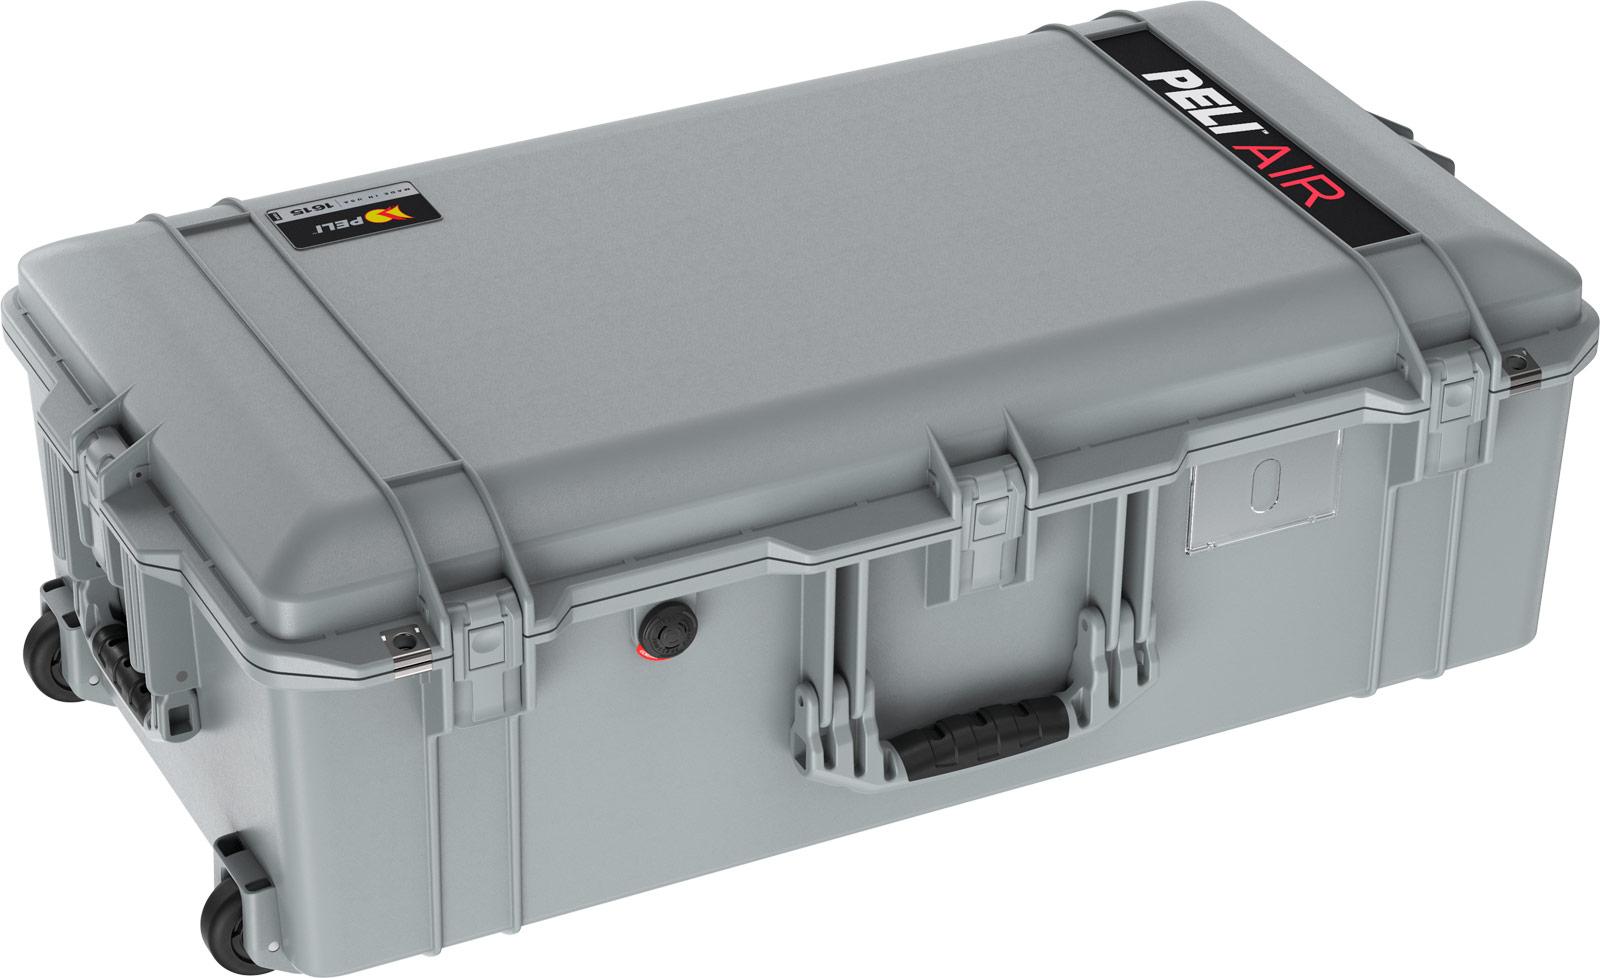 peli air cases 1615 gray peli case rolling